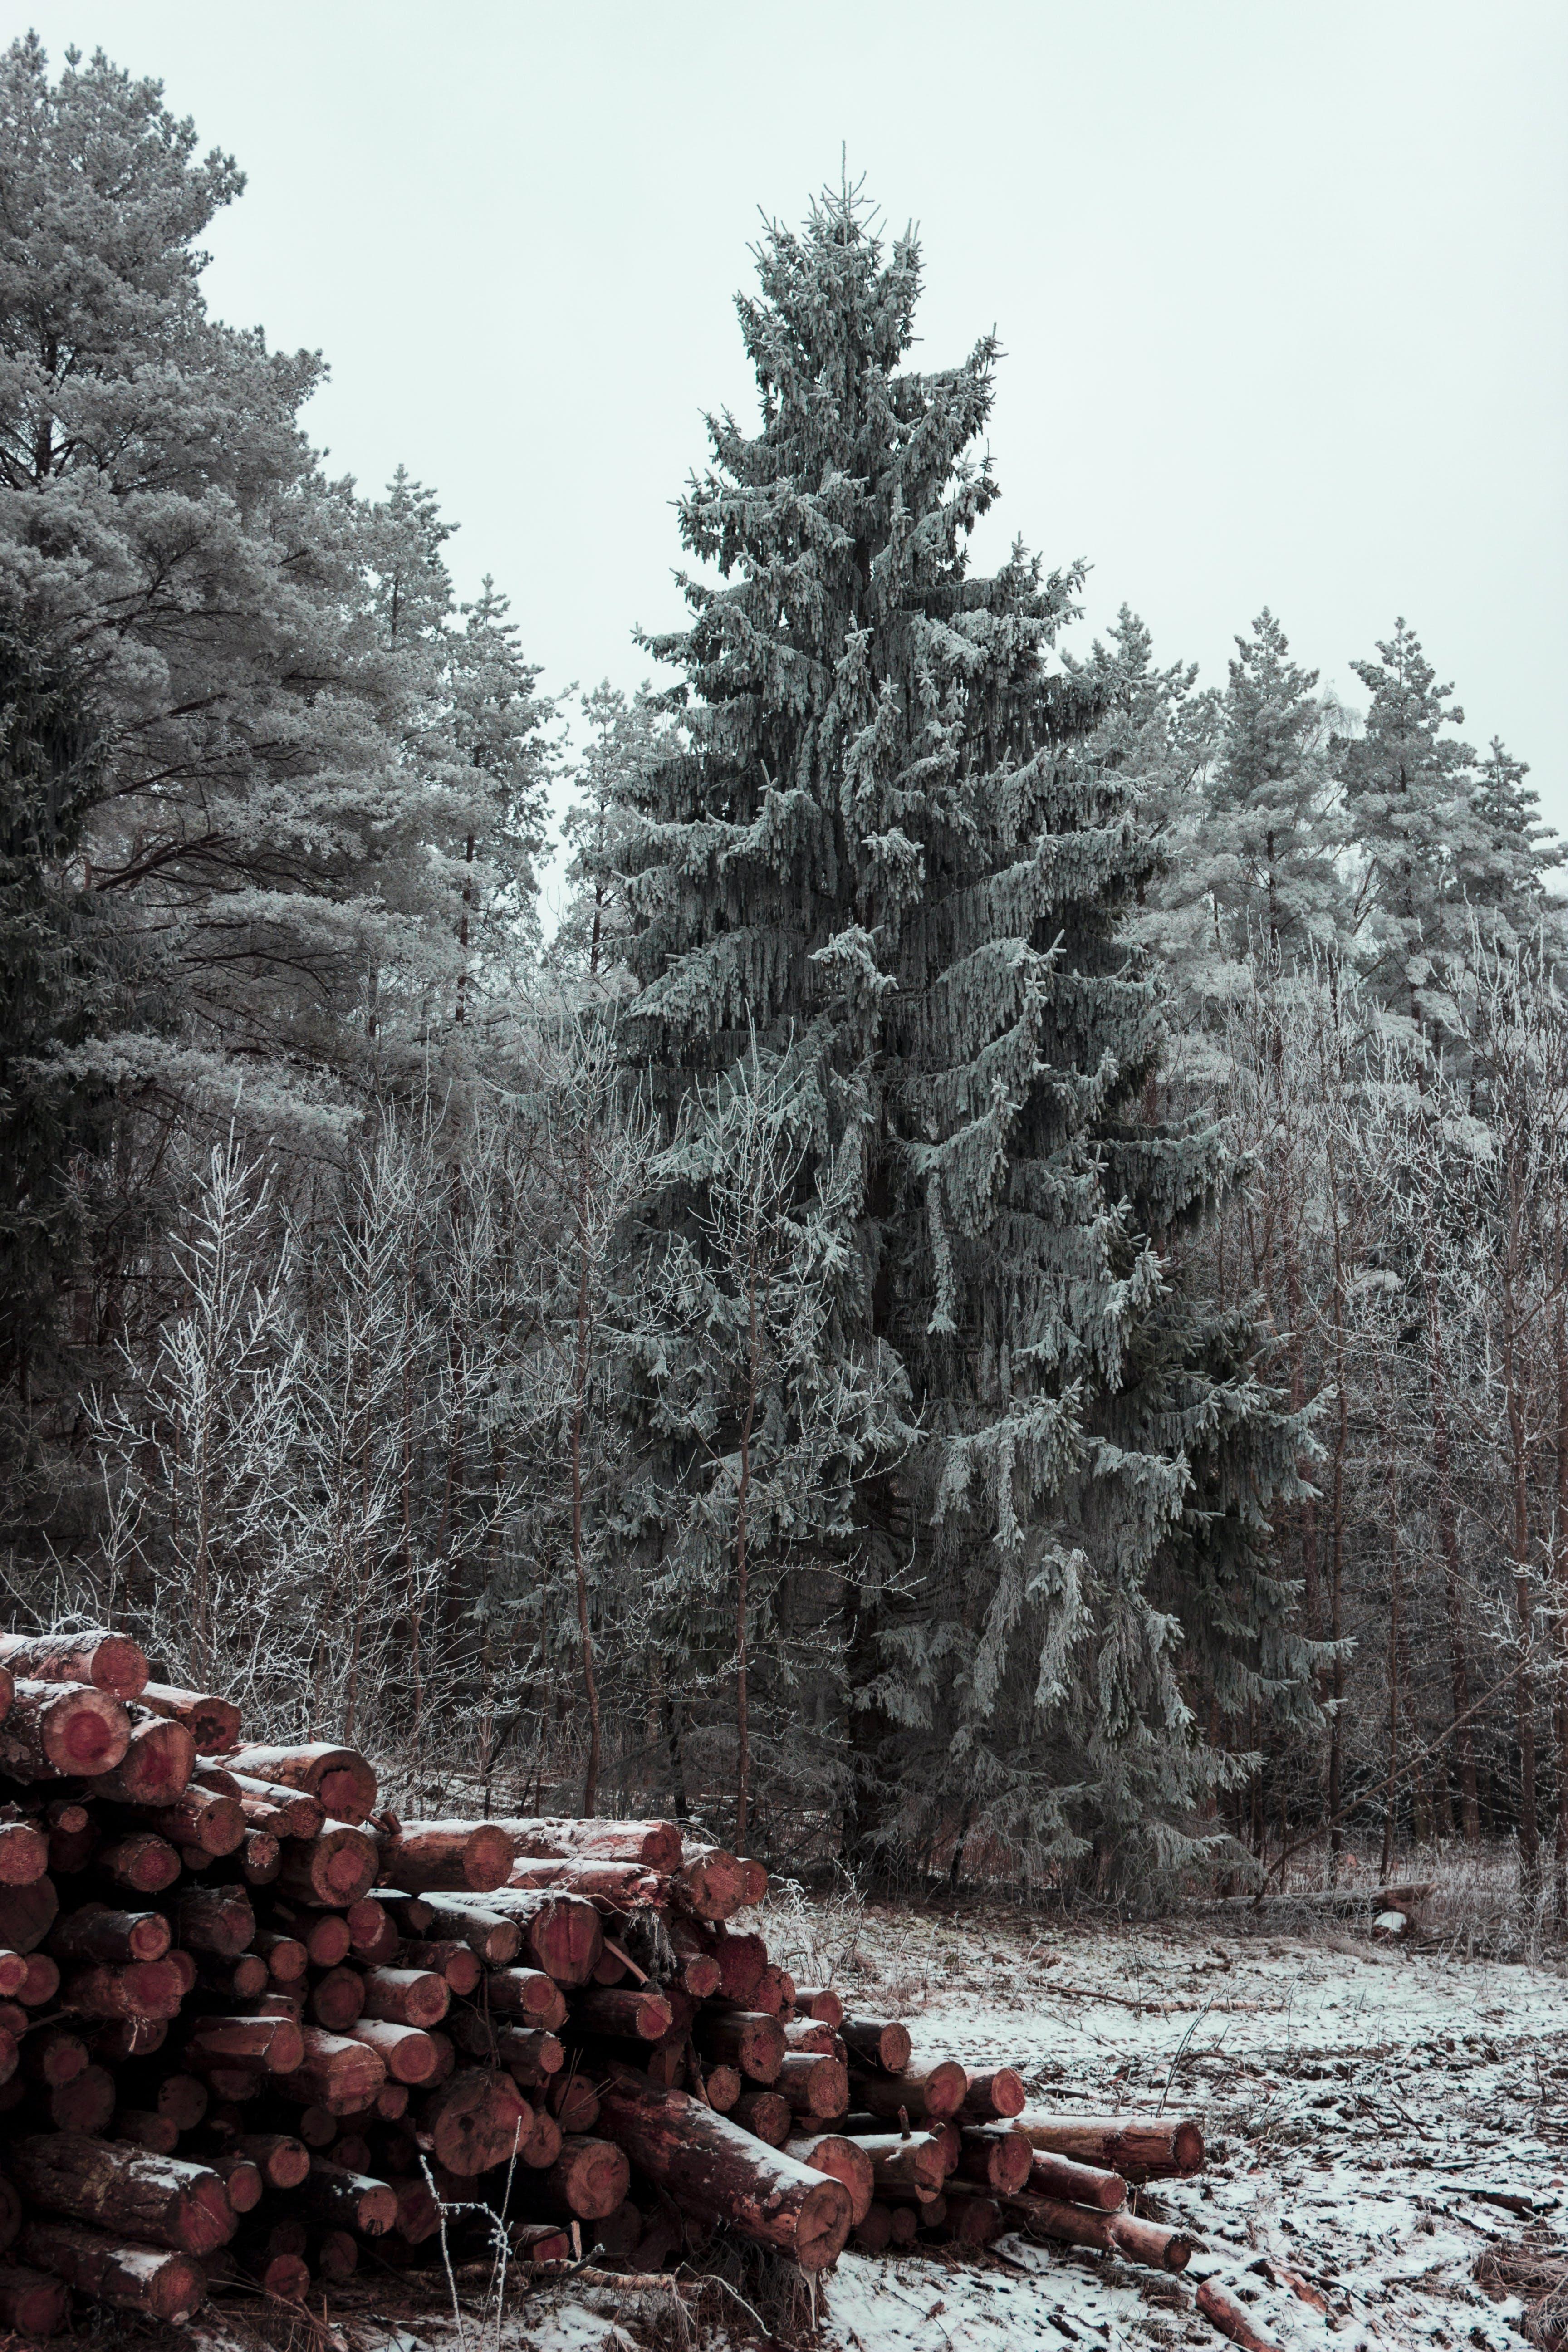 コールド, モミ, 松, 氷の無料の写真素材